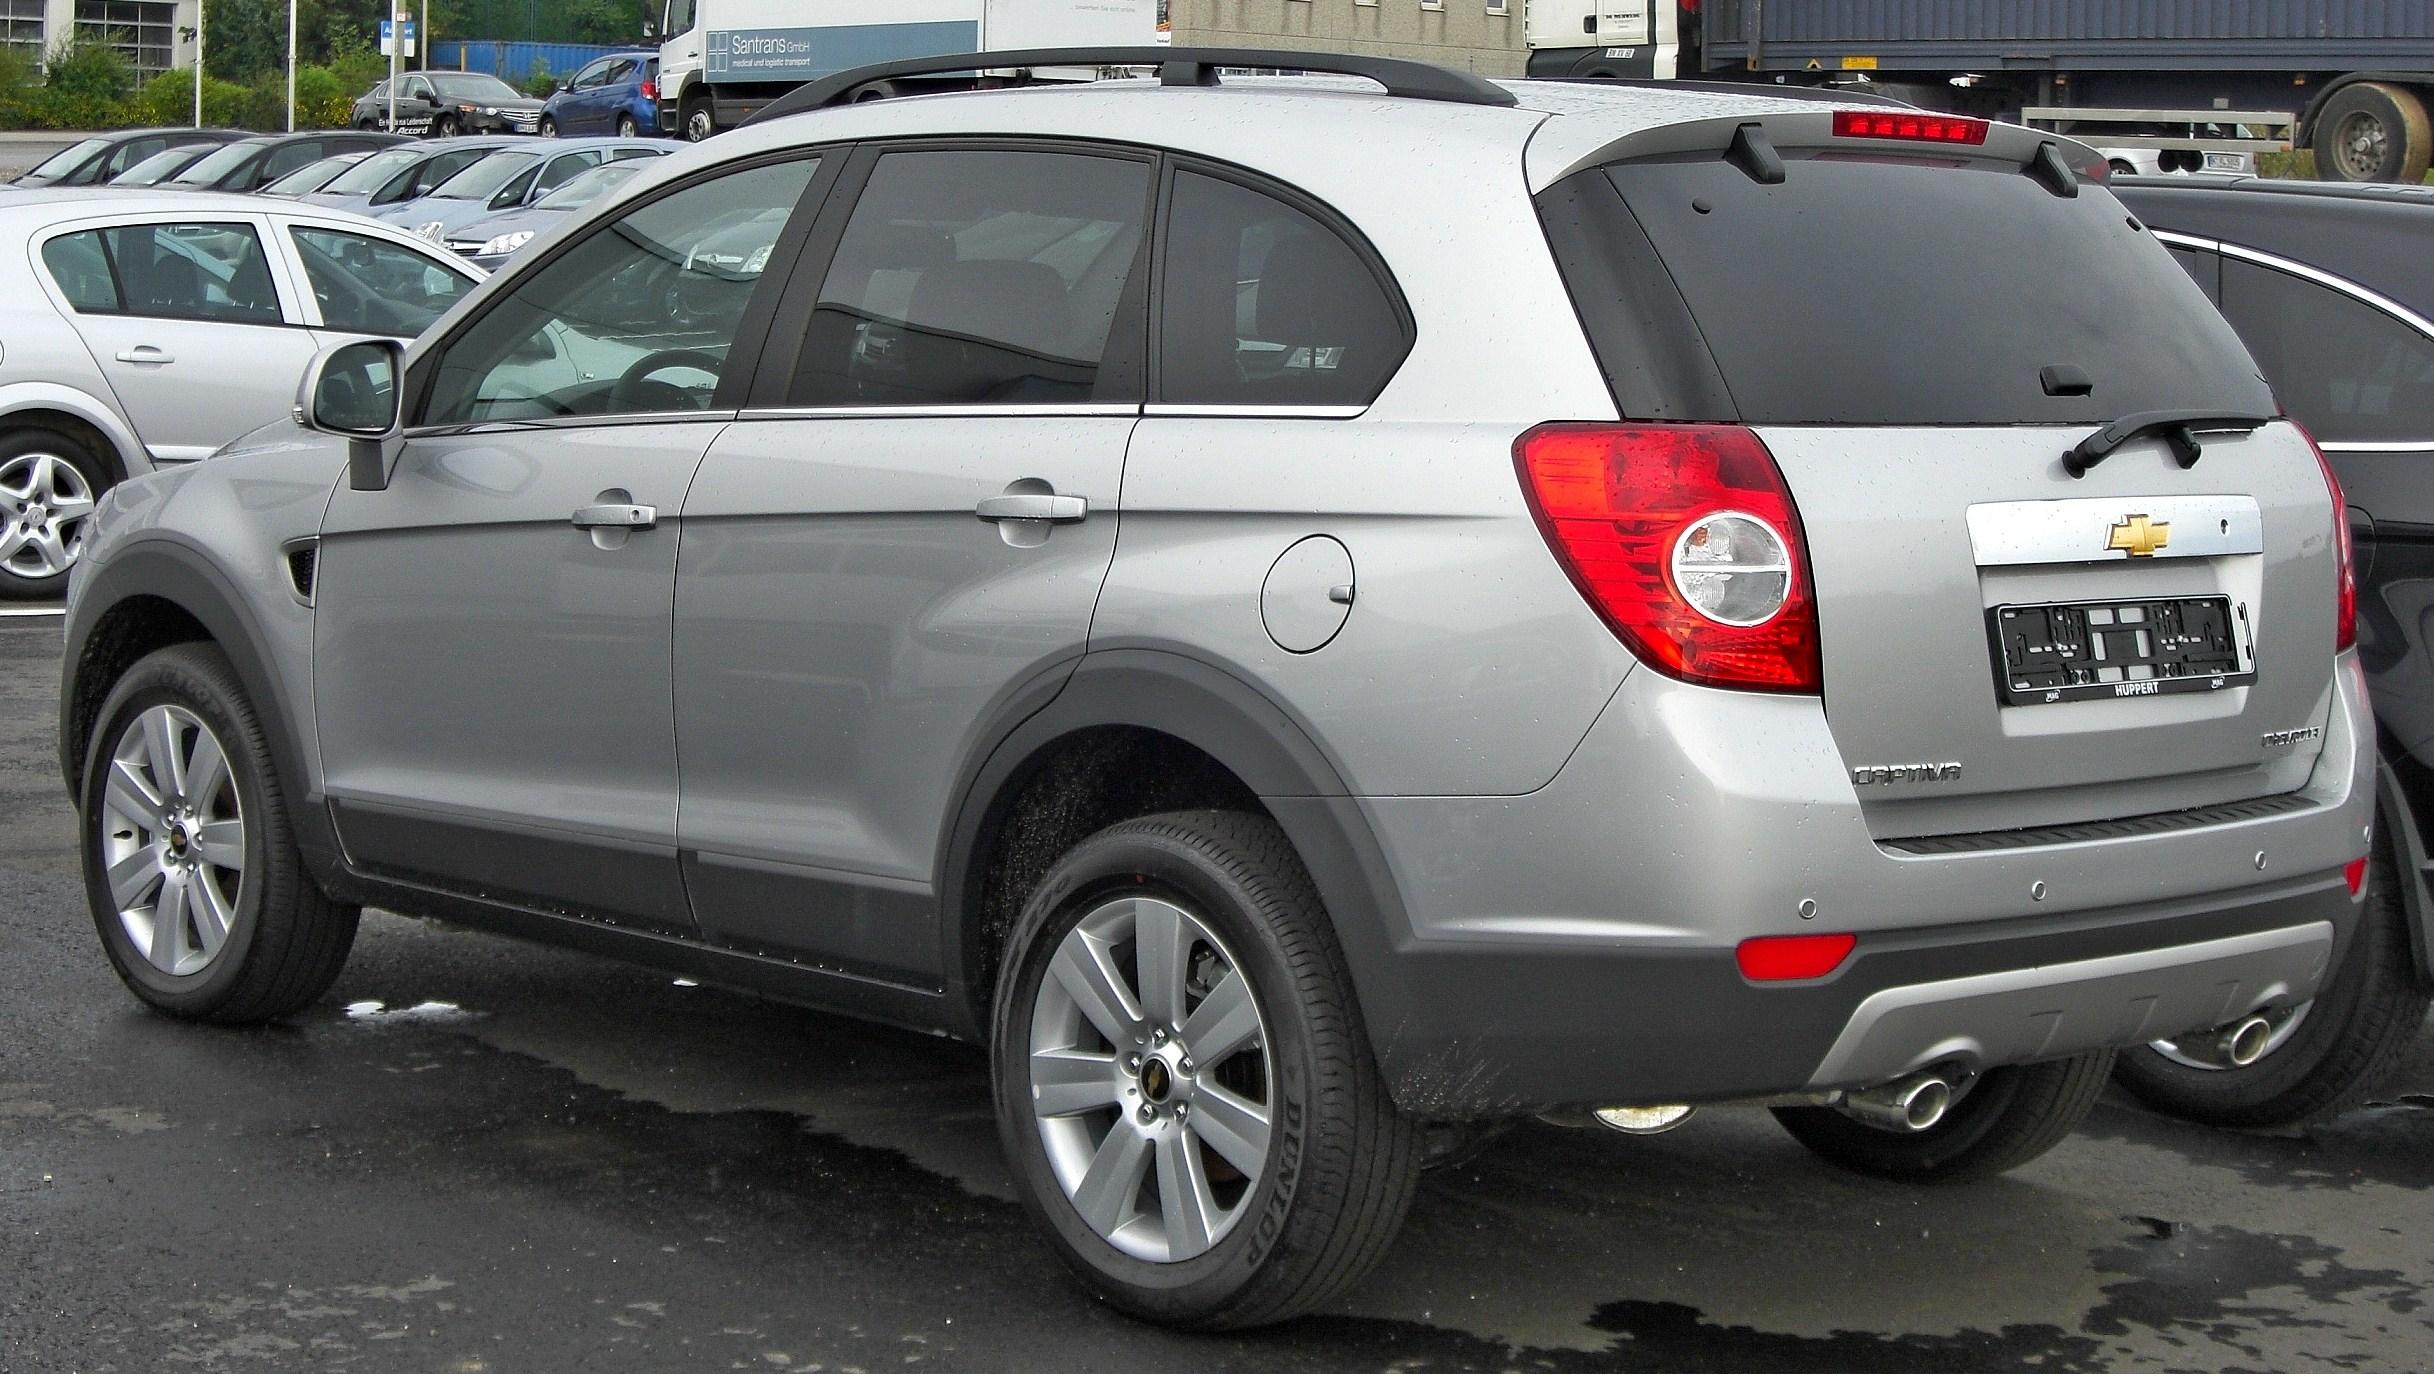 Berkas:Chevrolet Captiva rear.JPG